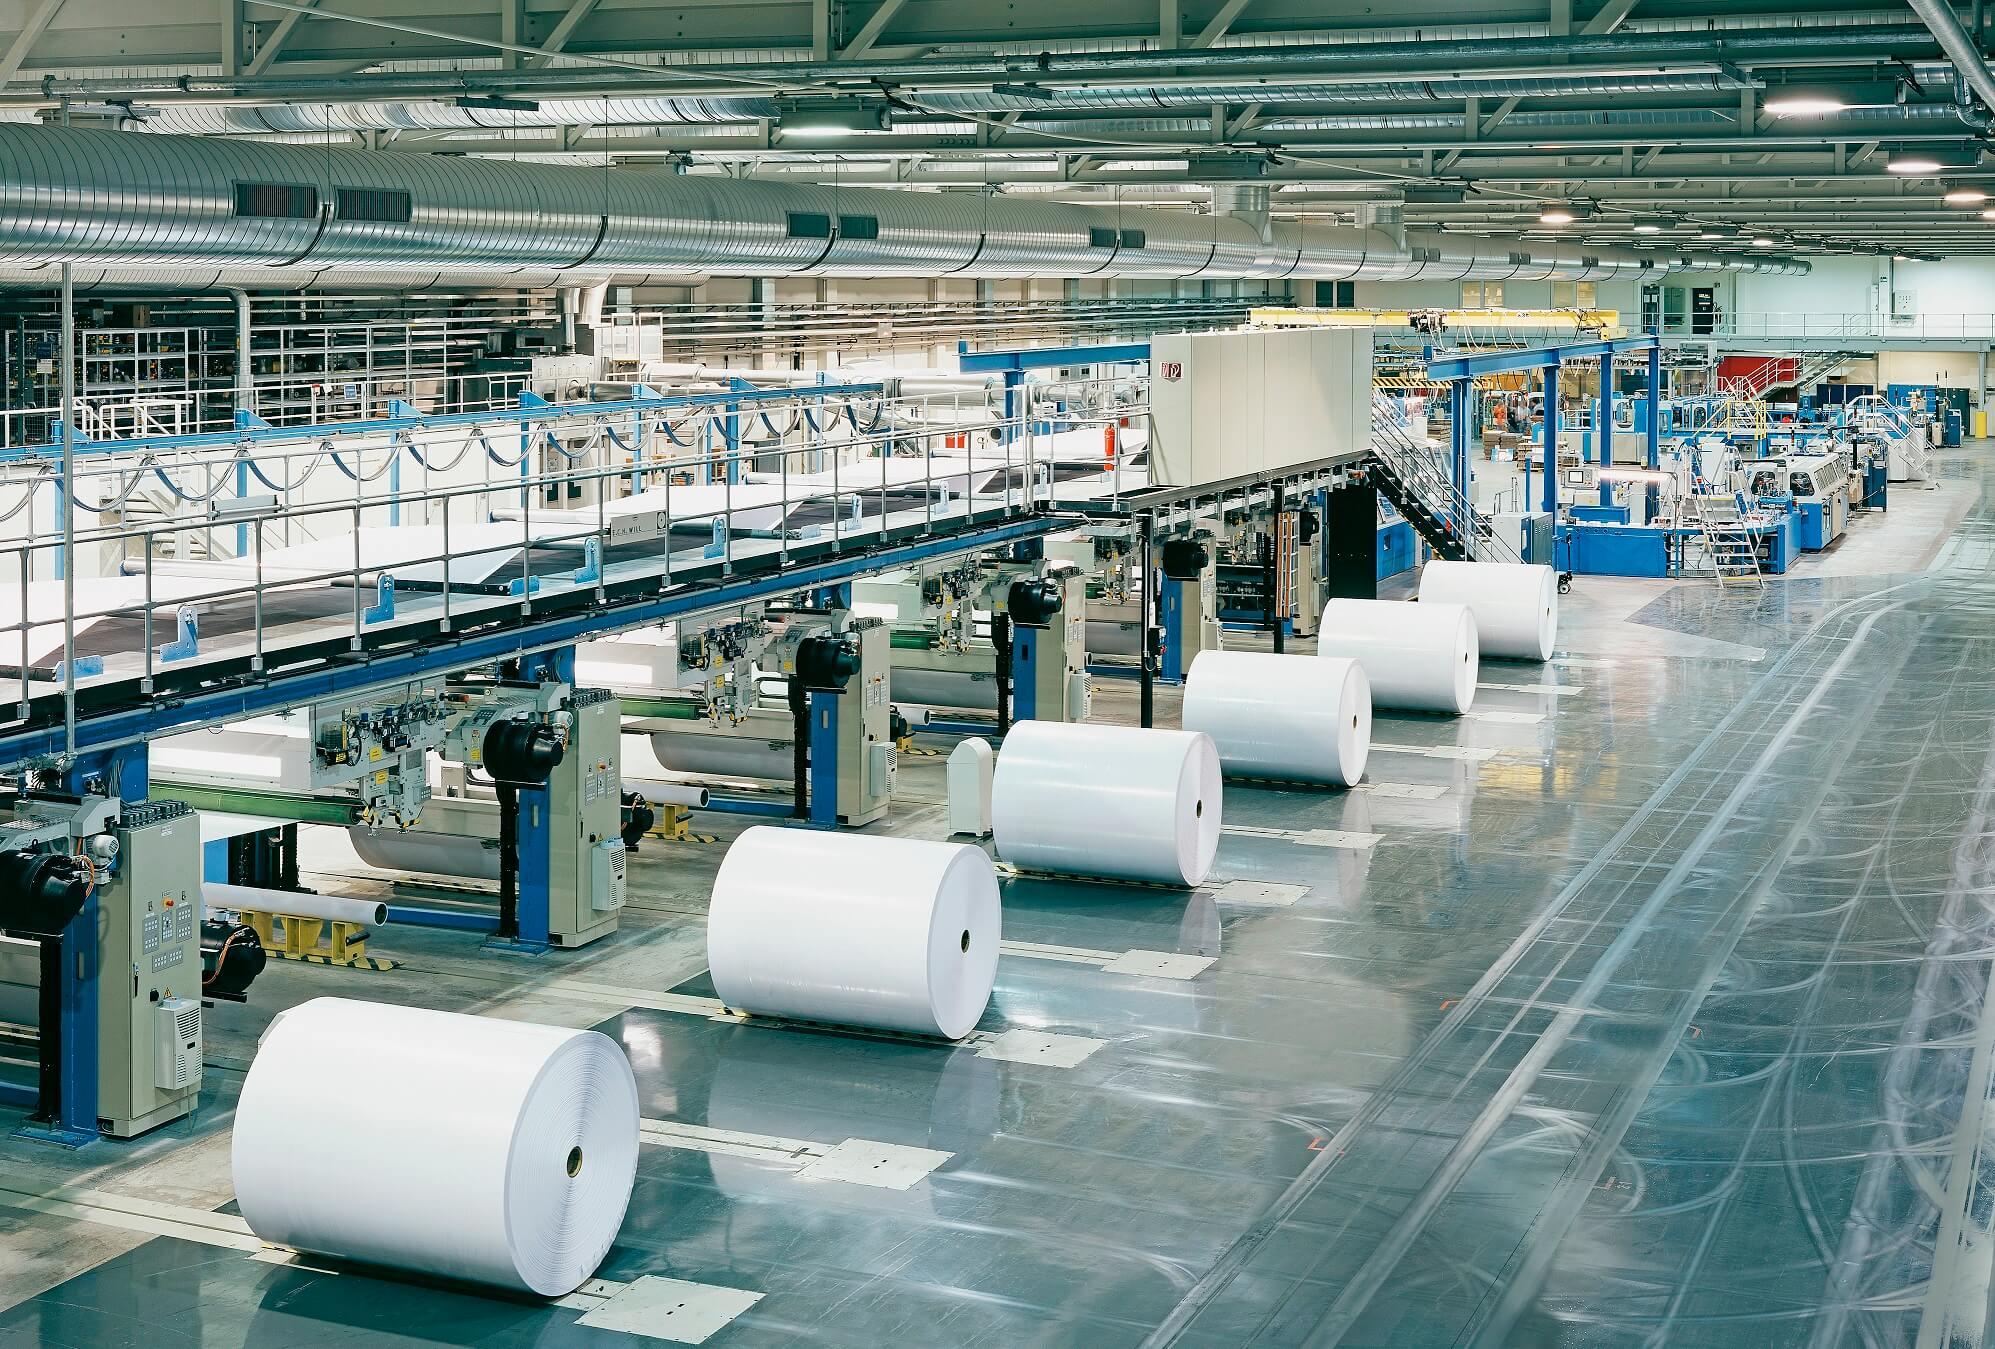 Nagyberuházás Békéscsabán: 13 milliárdból bővül a csomagolóipari cég |  Magyar Építők